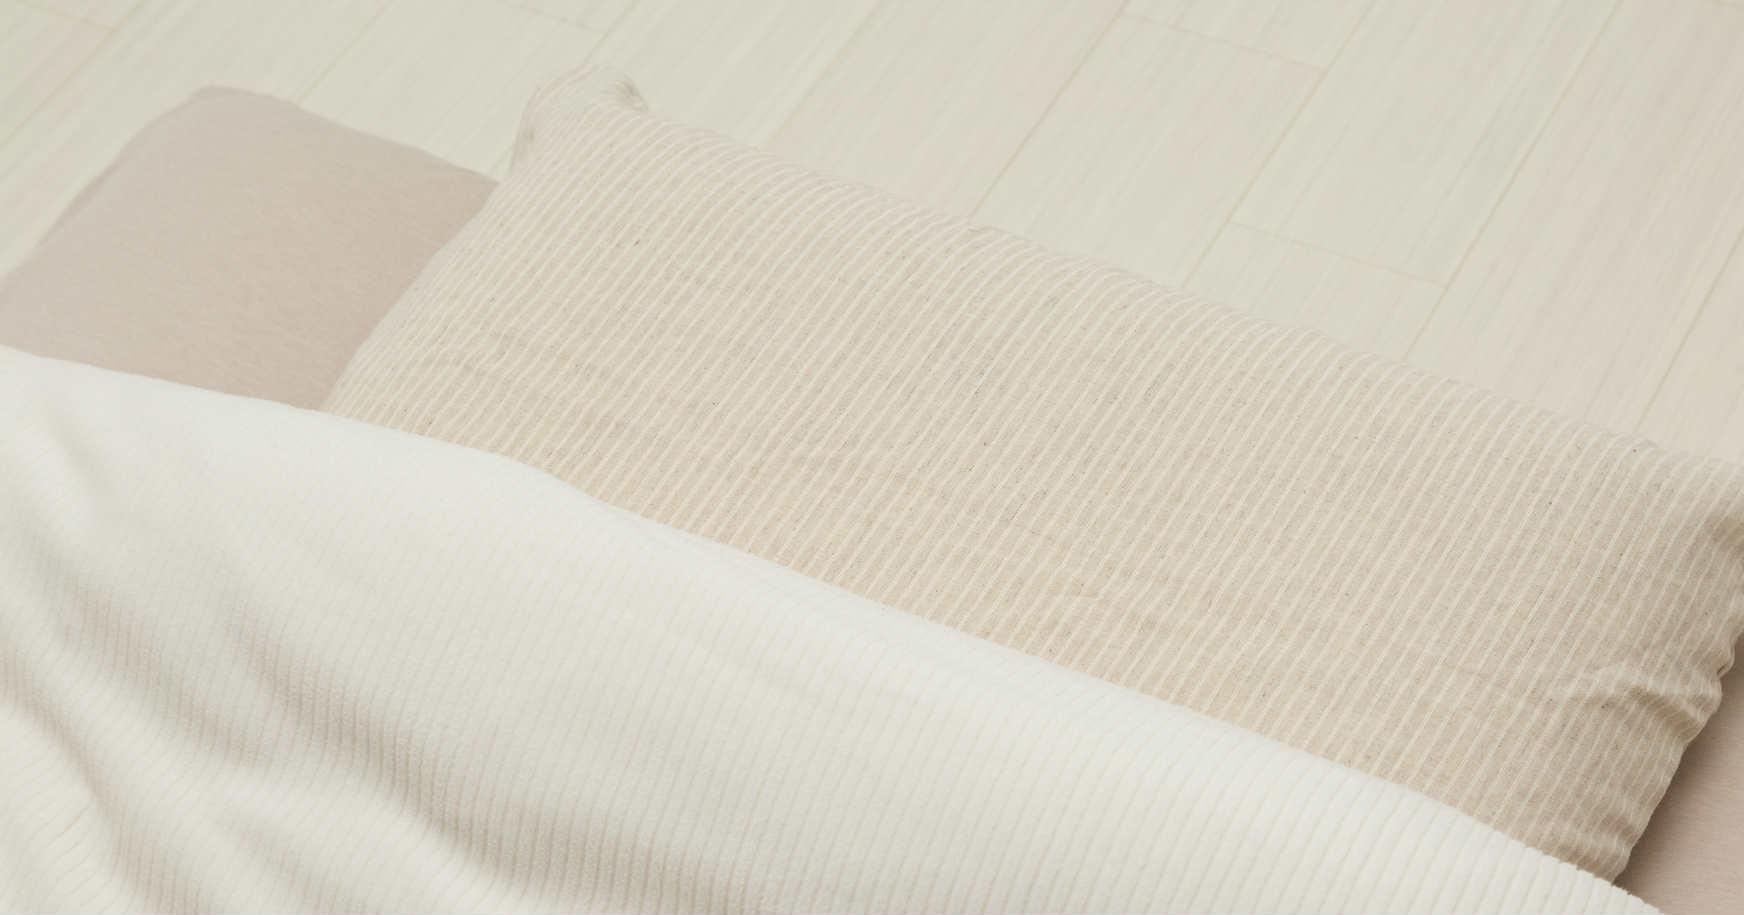 布団乾燥機の選び方のコツと人気メーカー別のおすすめ布団乾燥機